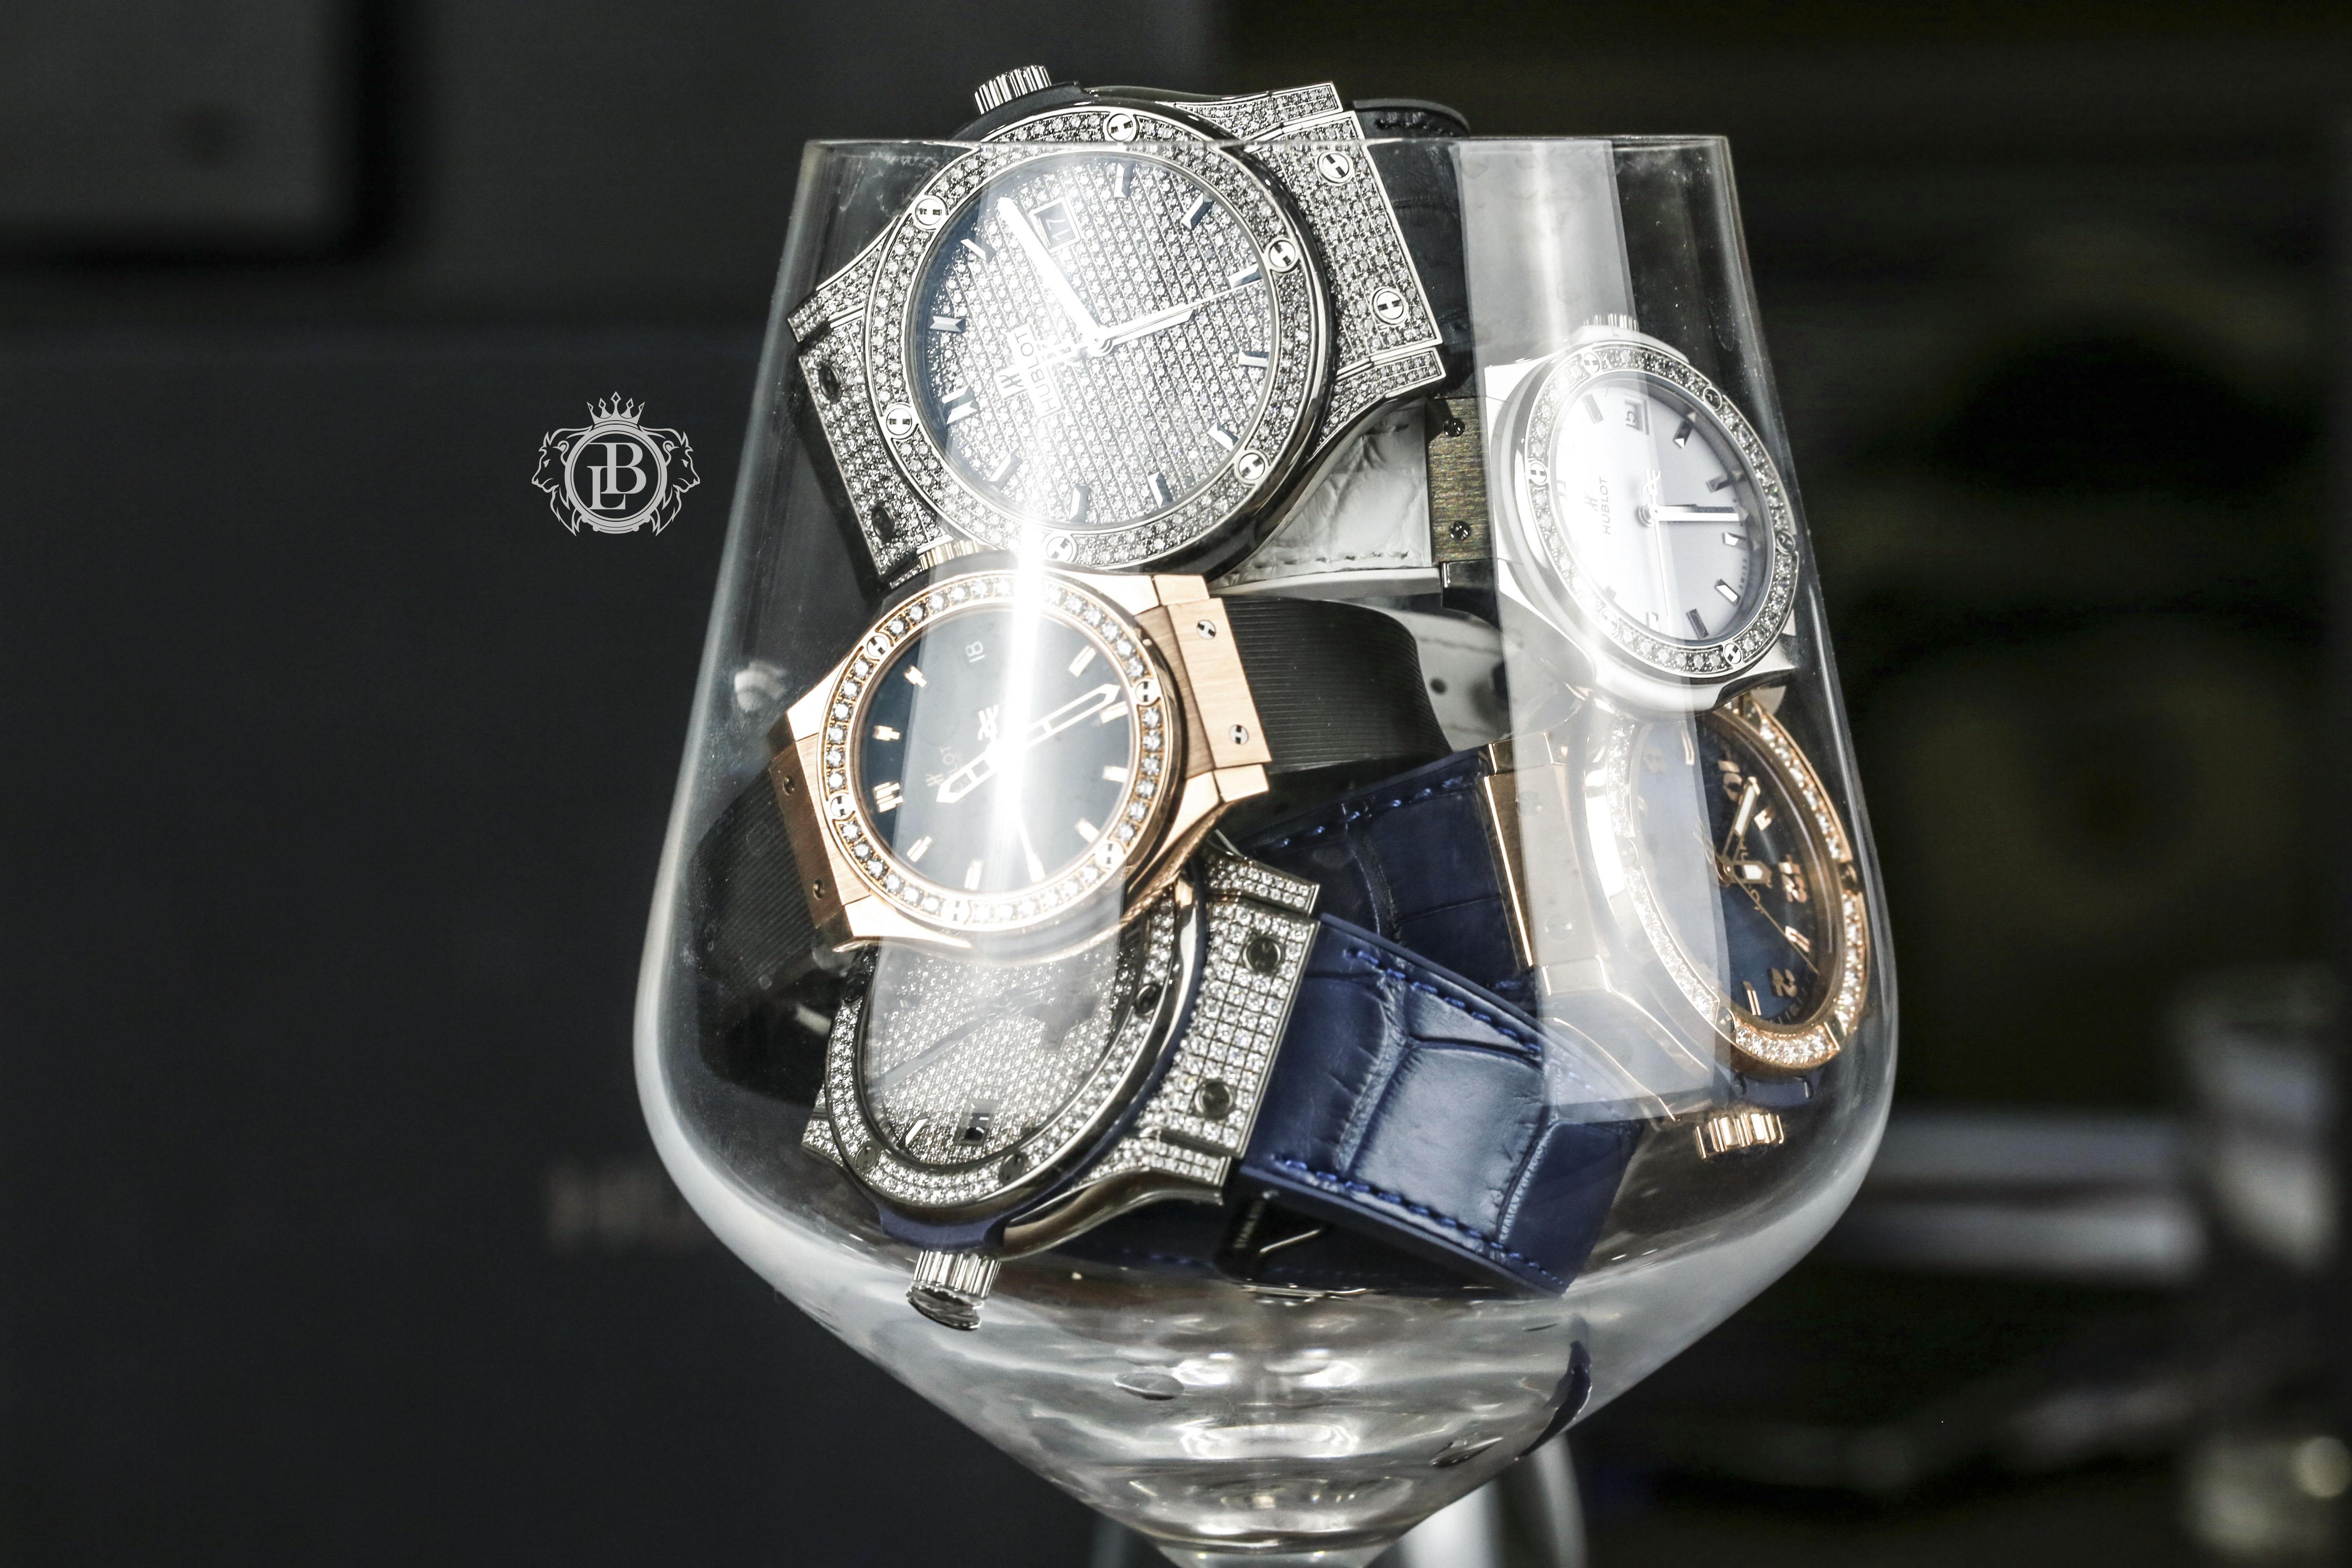 Địa chỉ bán đồng hồ Hublot chính hãng ở đâu uy tín tại Hà Nội